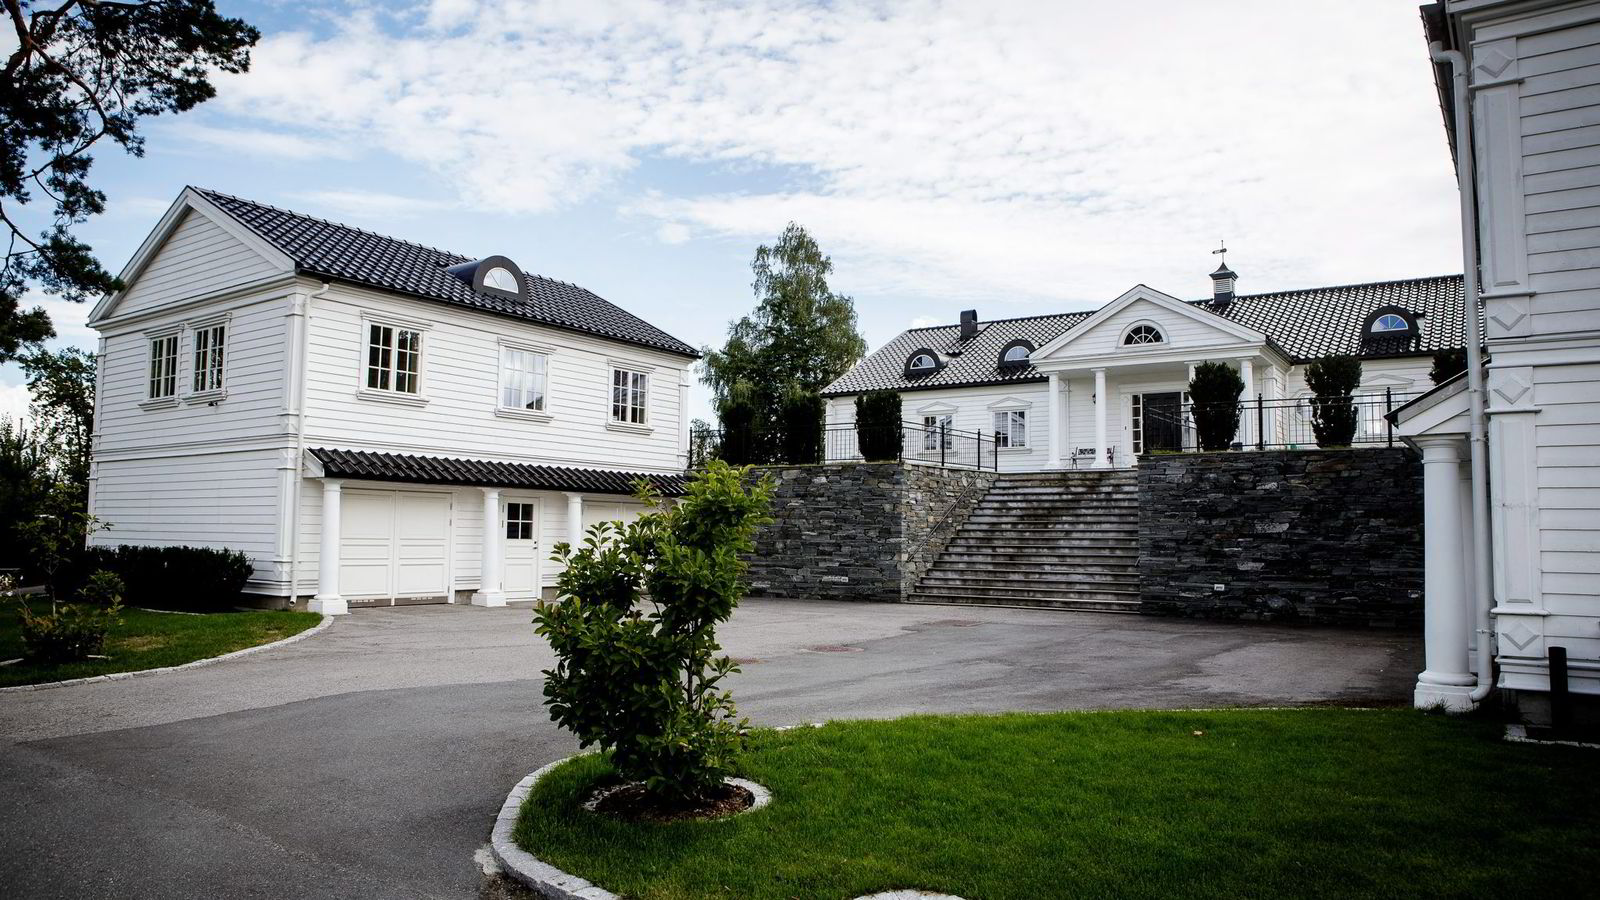 TAPTE I RETTEN. Nesøya-boligen Arne Vigeland kjøpte for 13 millioner kroner i 2006 kan bli tvangssolgt. Den tidligere fondsforvalteren tapte nylig begge tvangssalgssakene i Borgarting lagmannsrett. Begge foto: Gunnar Blöndal